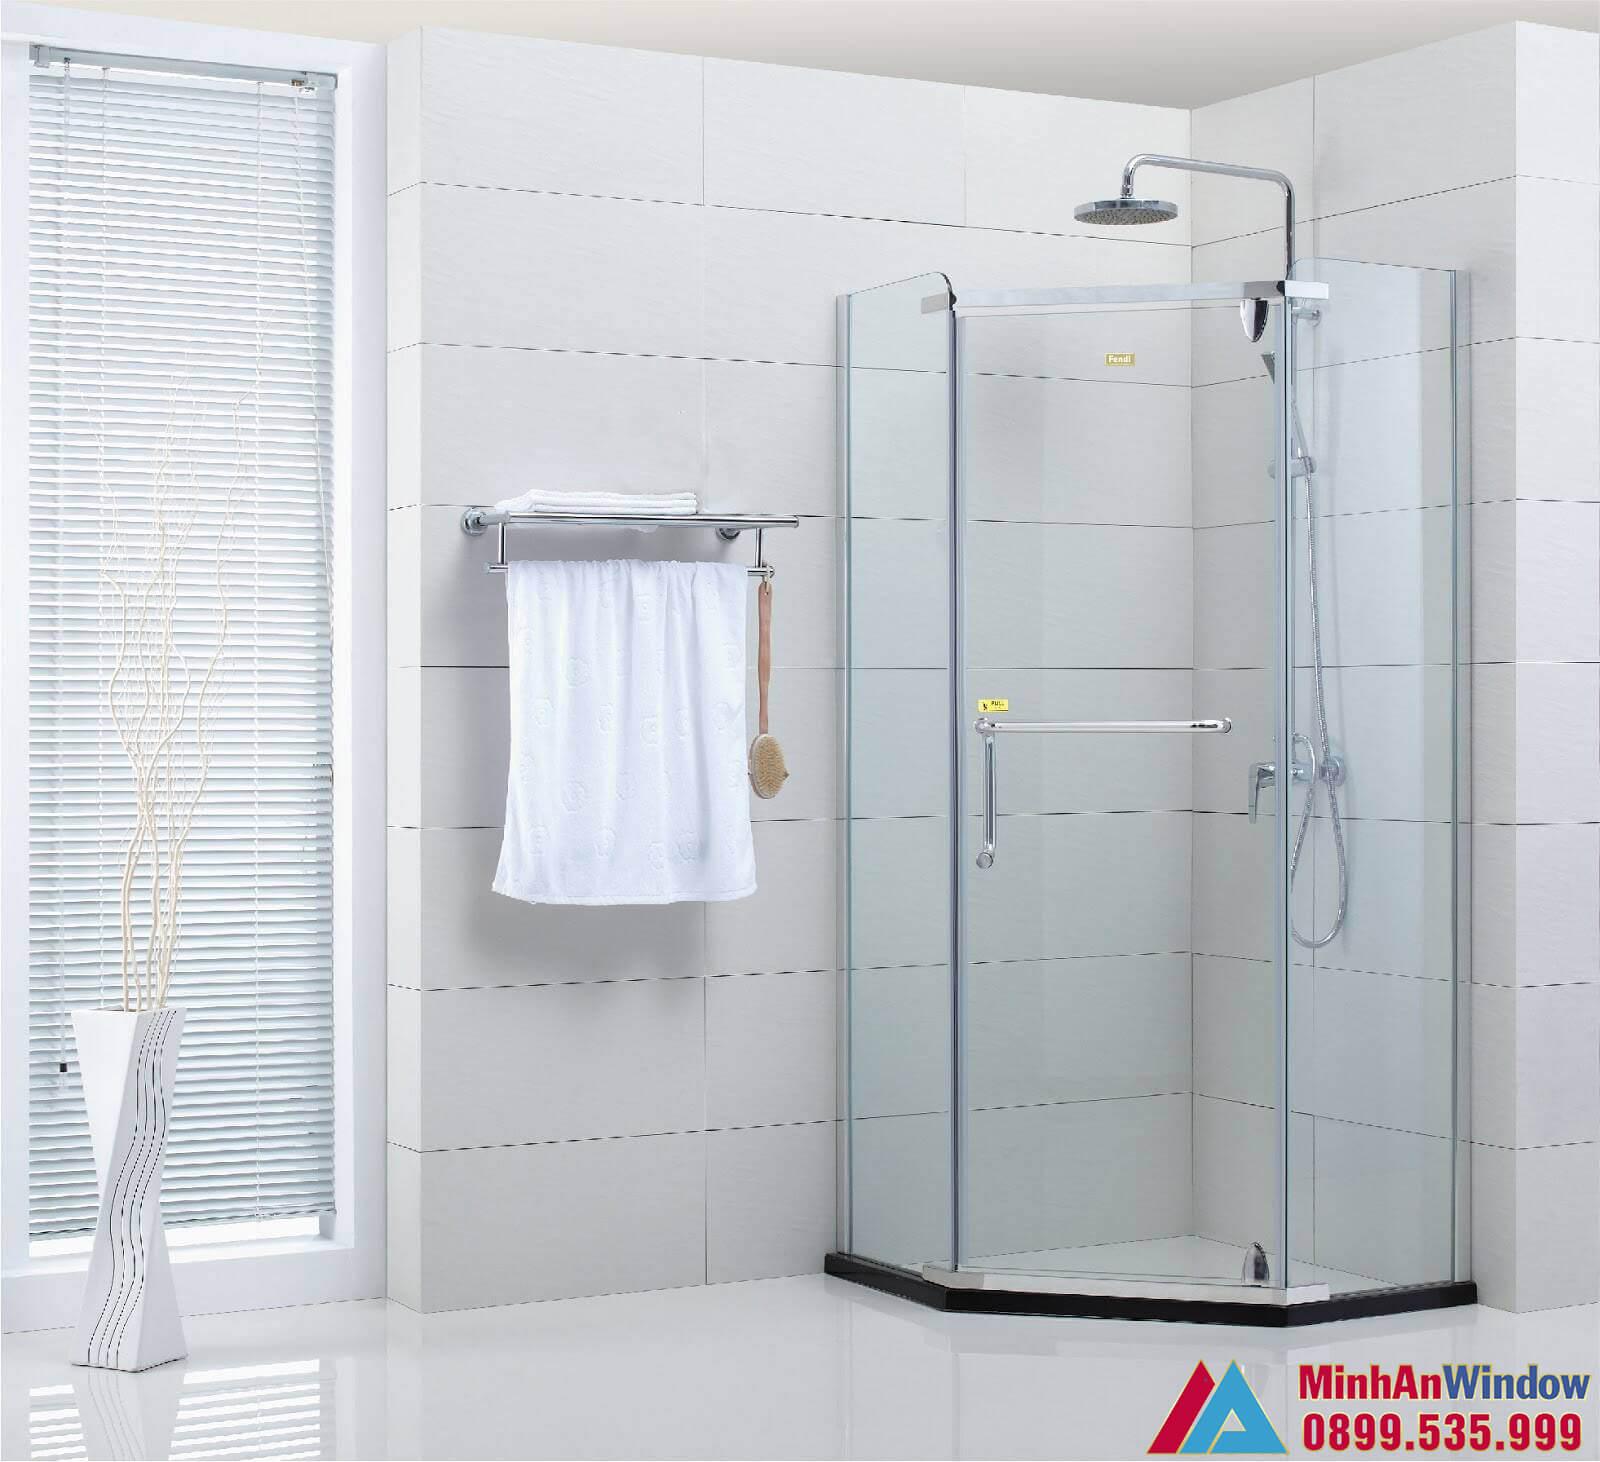 Mẫu vách kính phòng tắm nhỏ Minh An Window lắp cho khu nghỉ dưỡng